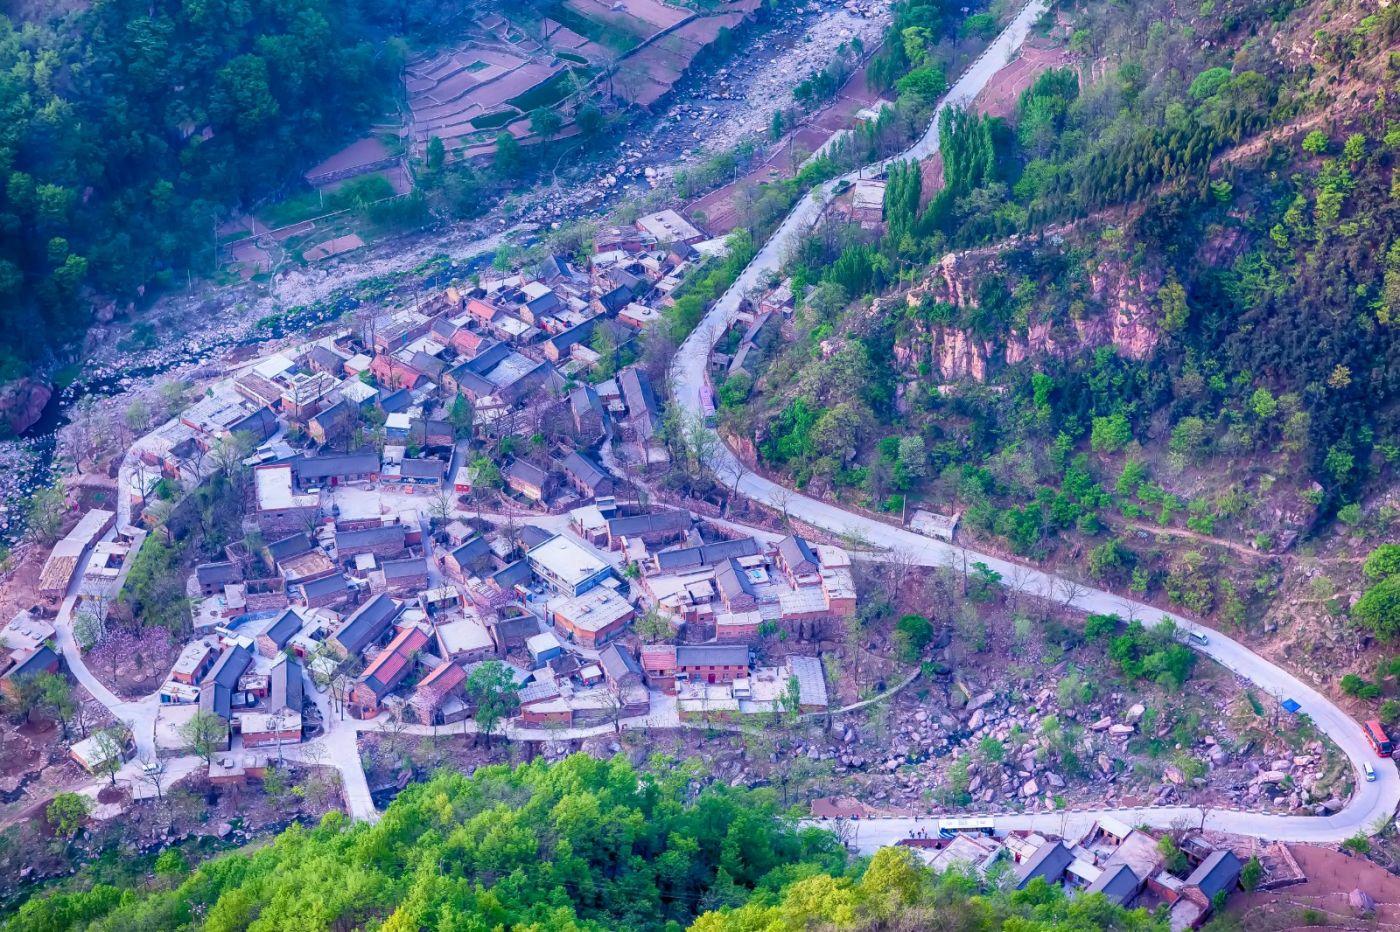 崖壁上的古村落 郭亮村 绝处也有风景_图1-16